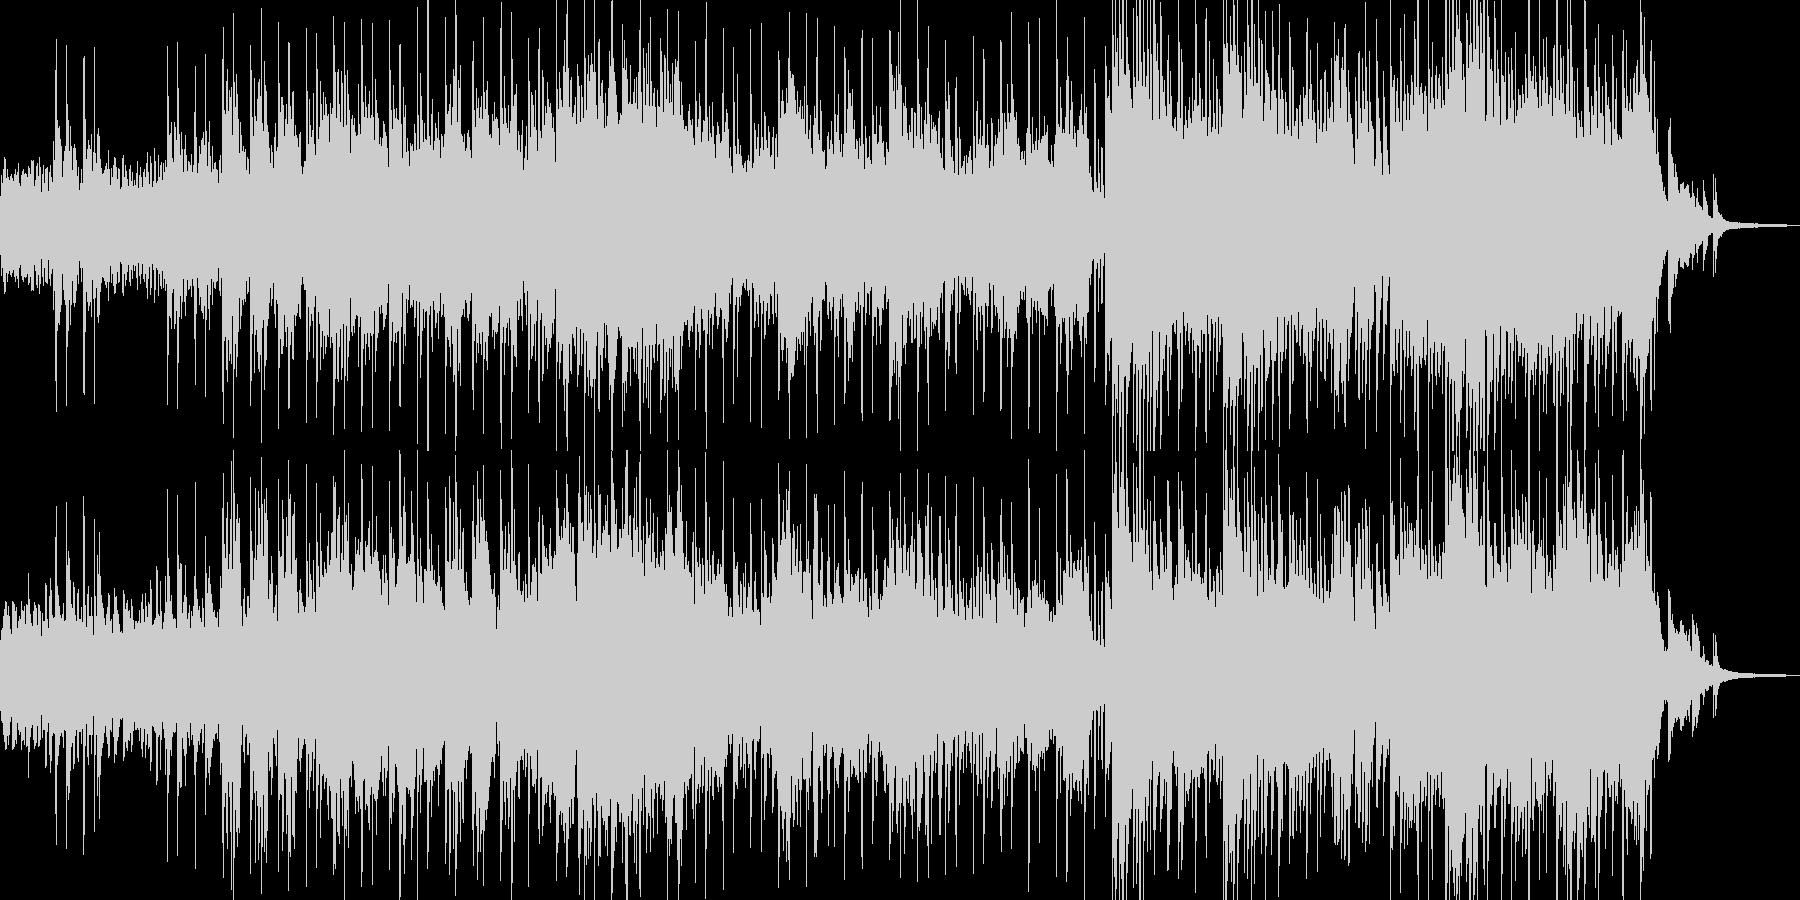 異世界・故人を想う雰囲気 ドラム有 短尺の未再生の波形